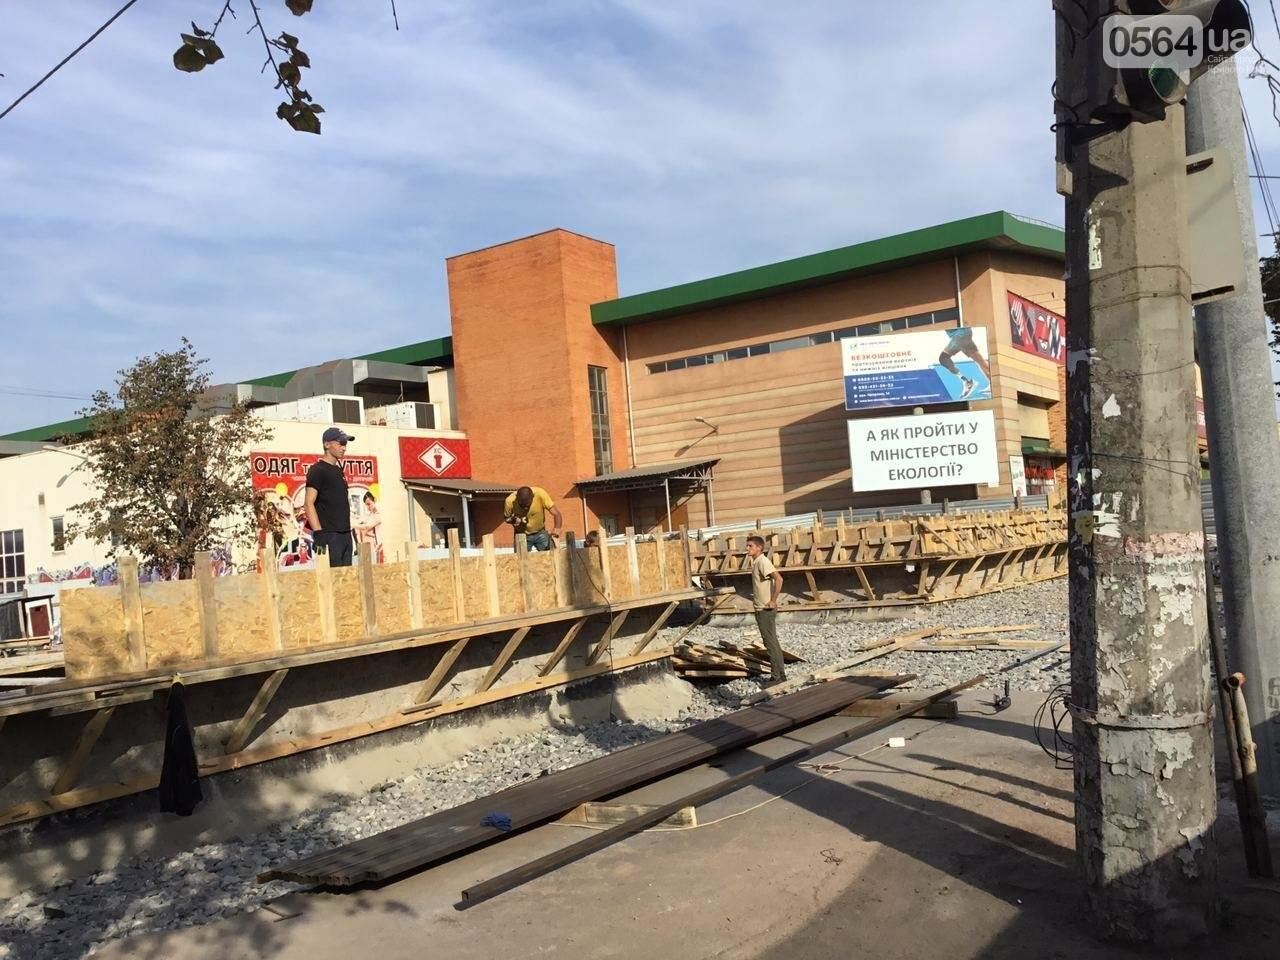 Как проходит реконструкция пешеходного перехода на улице Лермонтова в Кривом Роге, - ФОТО, фото-5